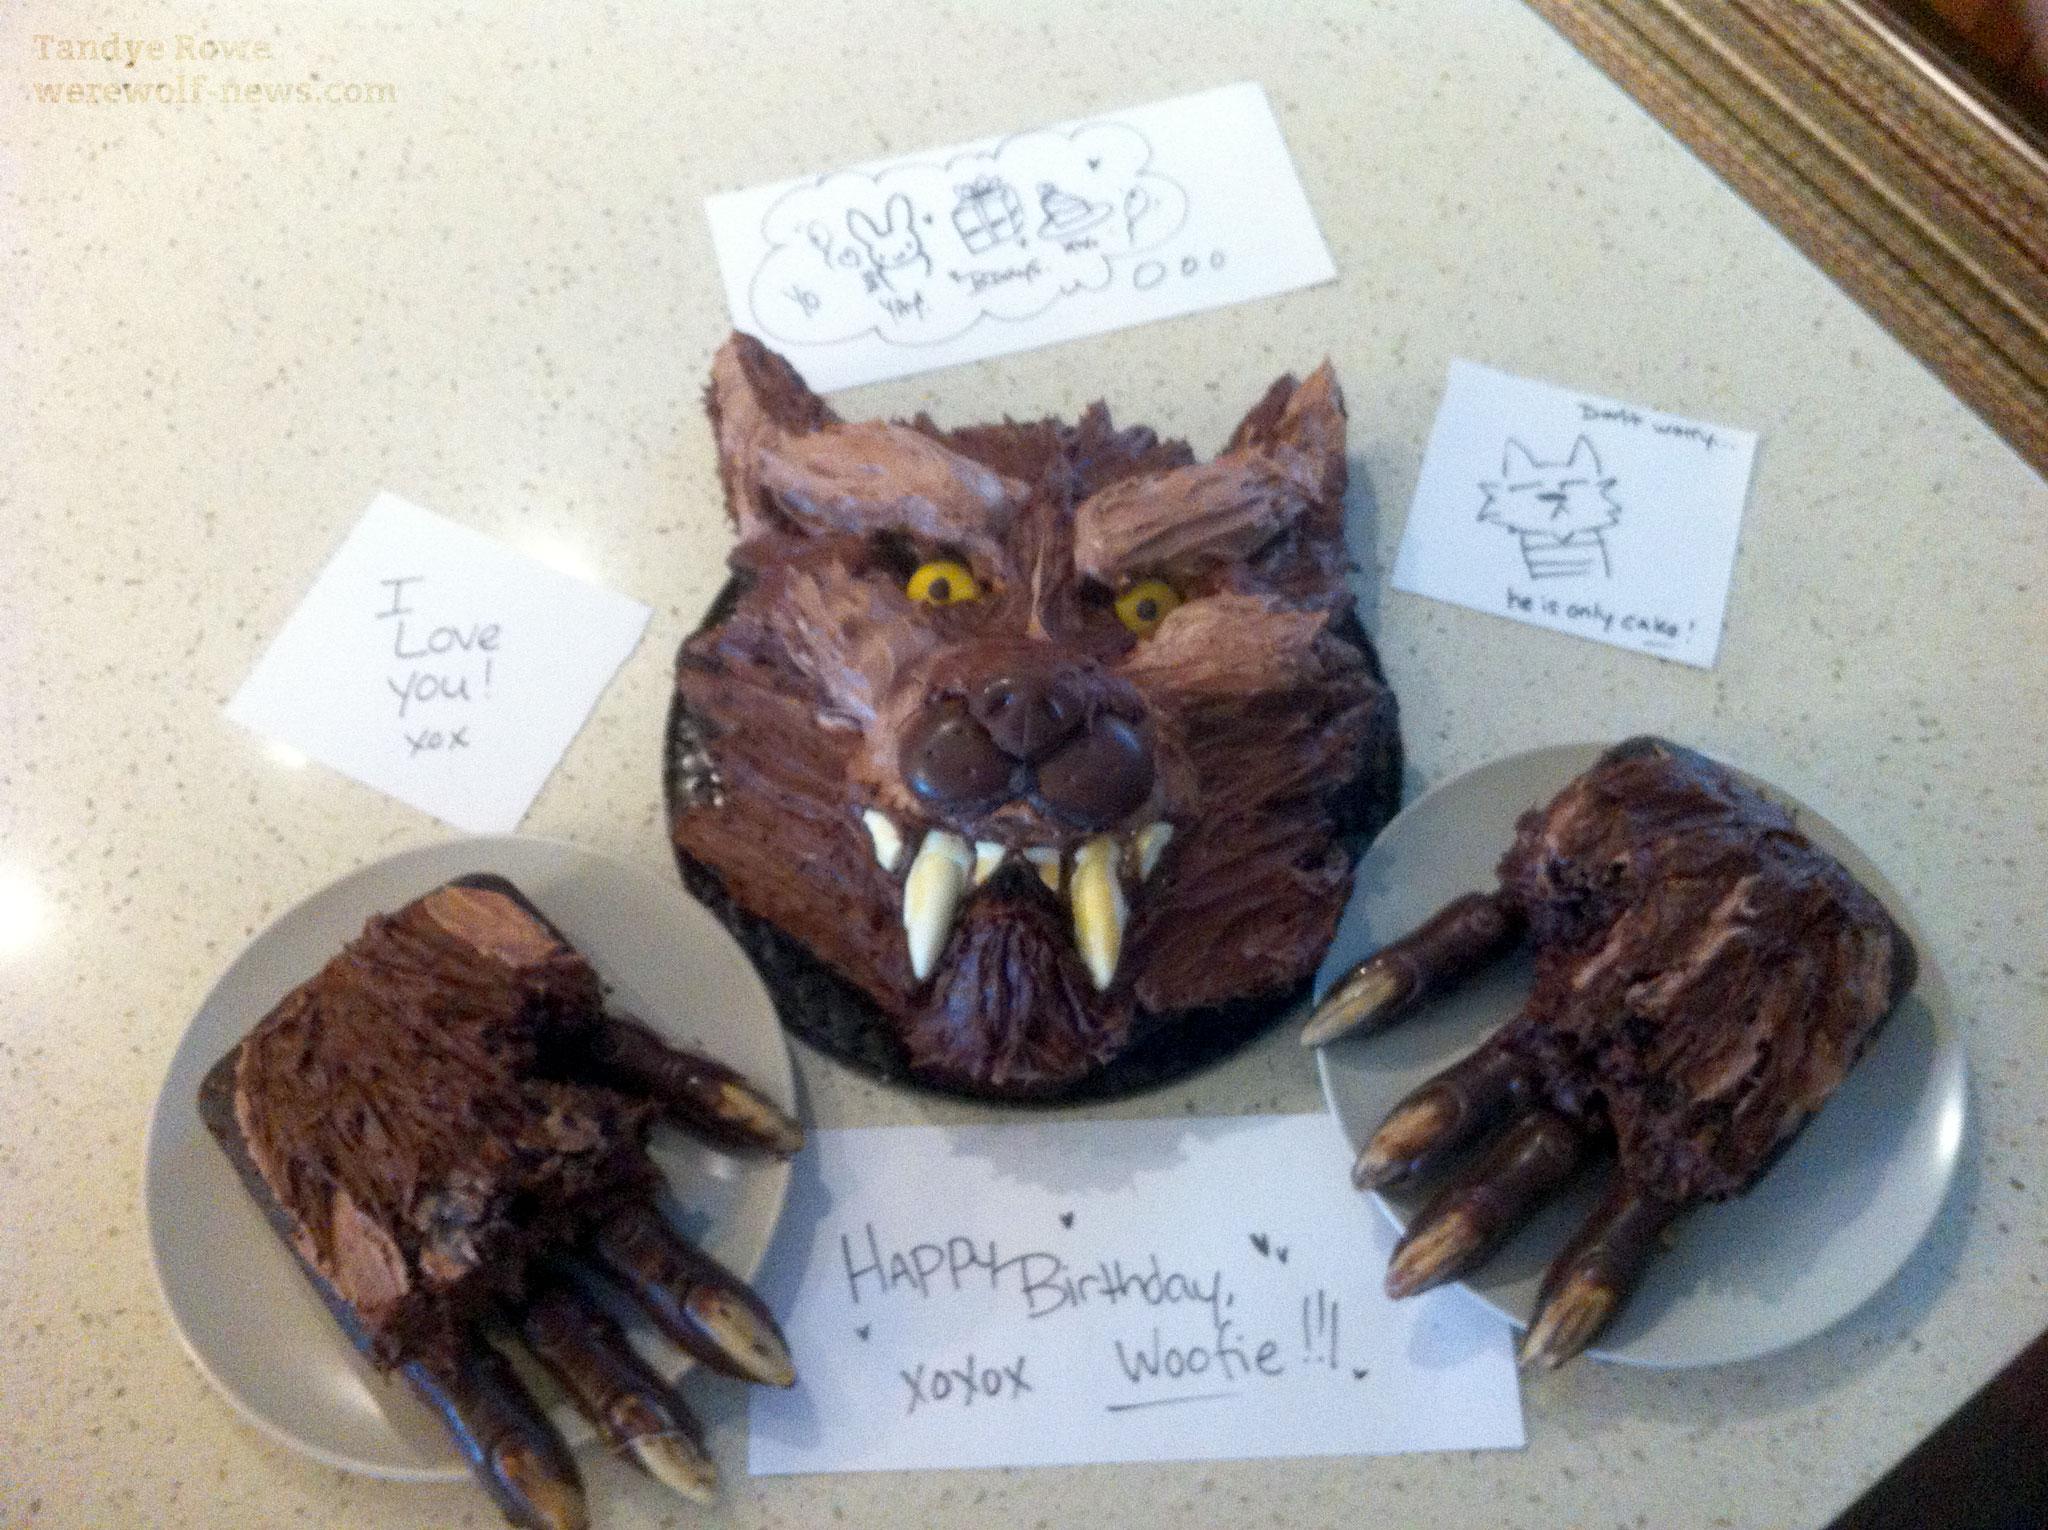 http://werewolf-news.com/wp-content/uploads/2012/05/tandye-werewolf-cake-1.jpg